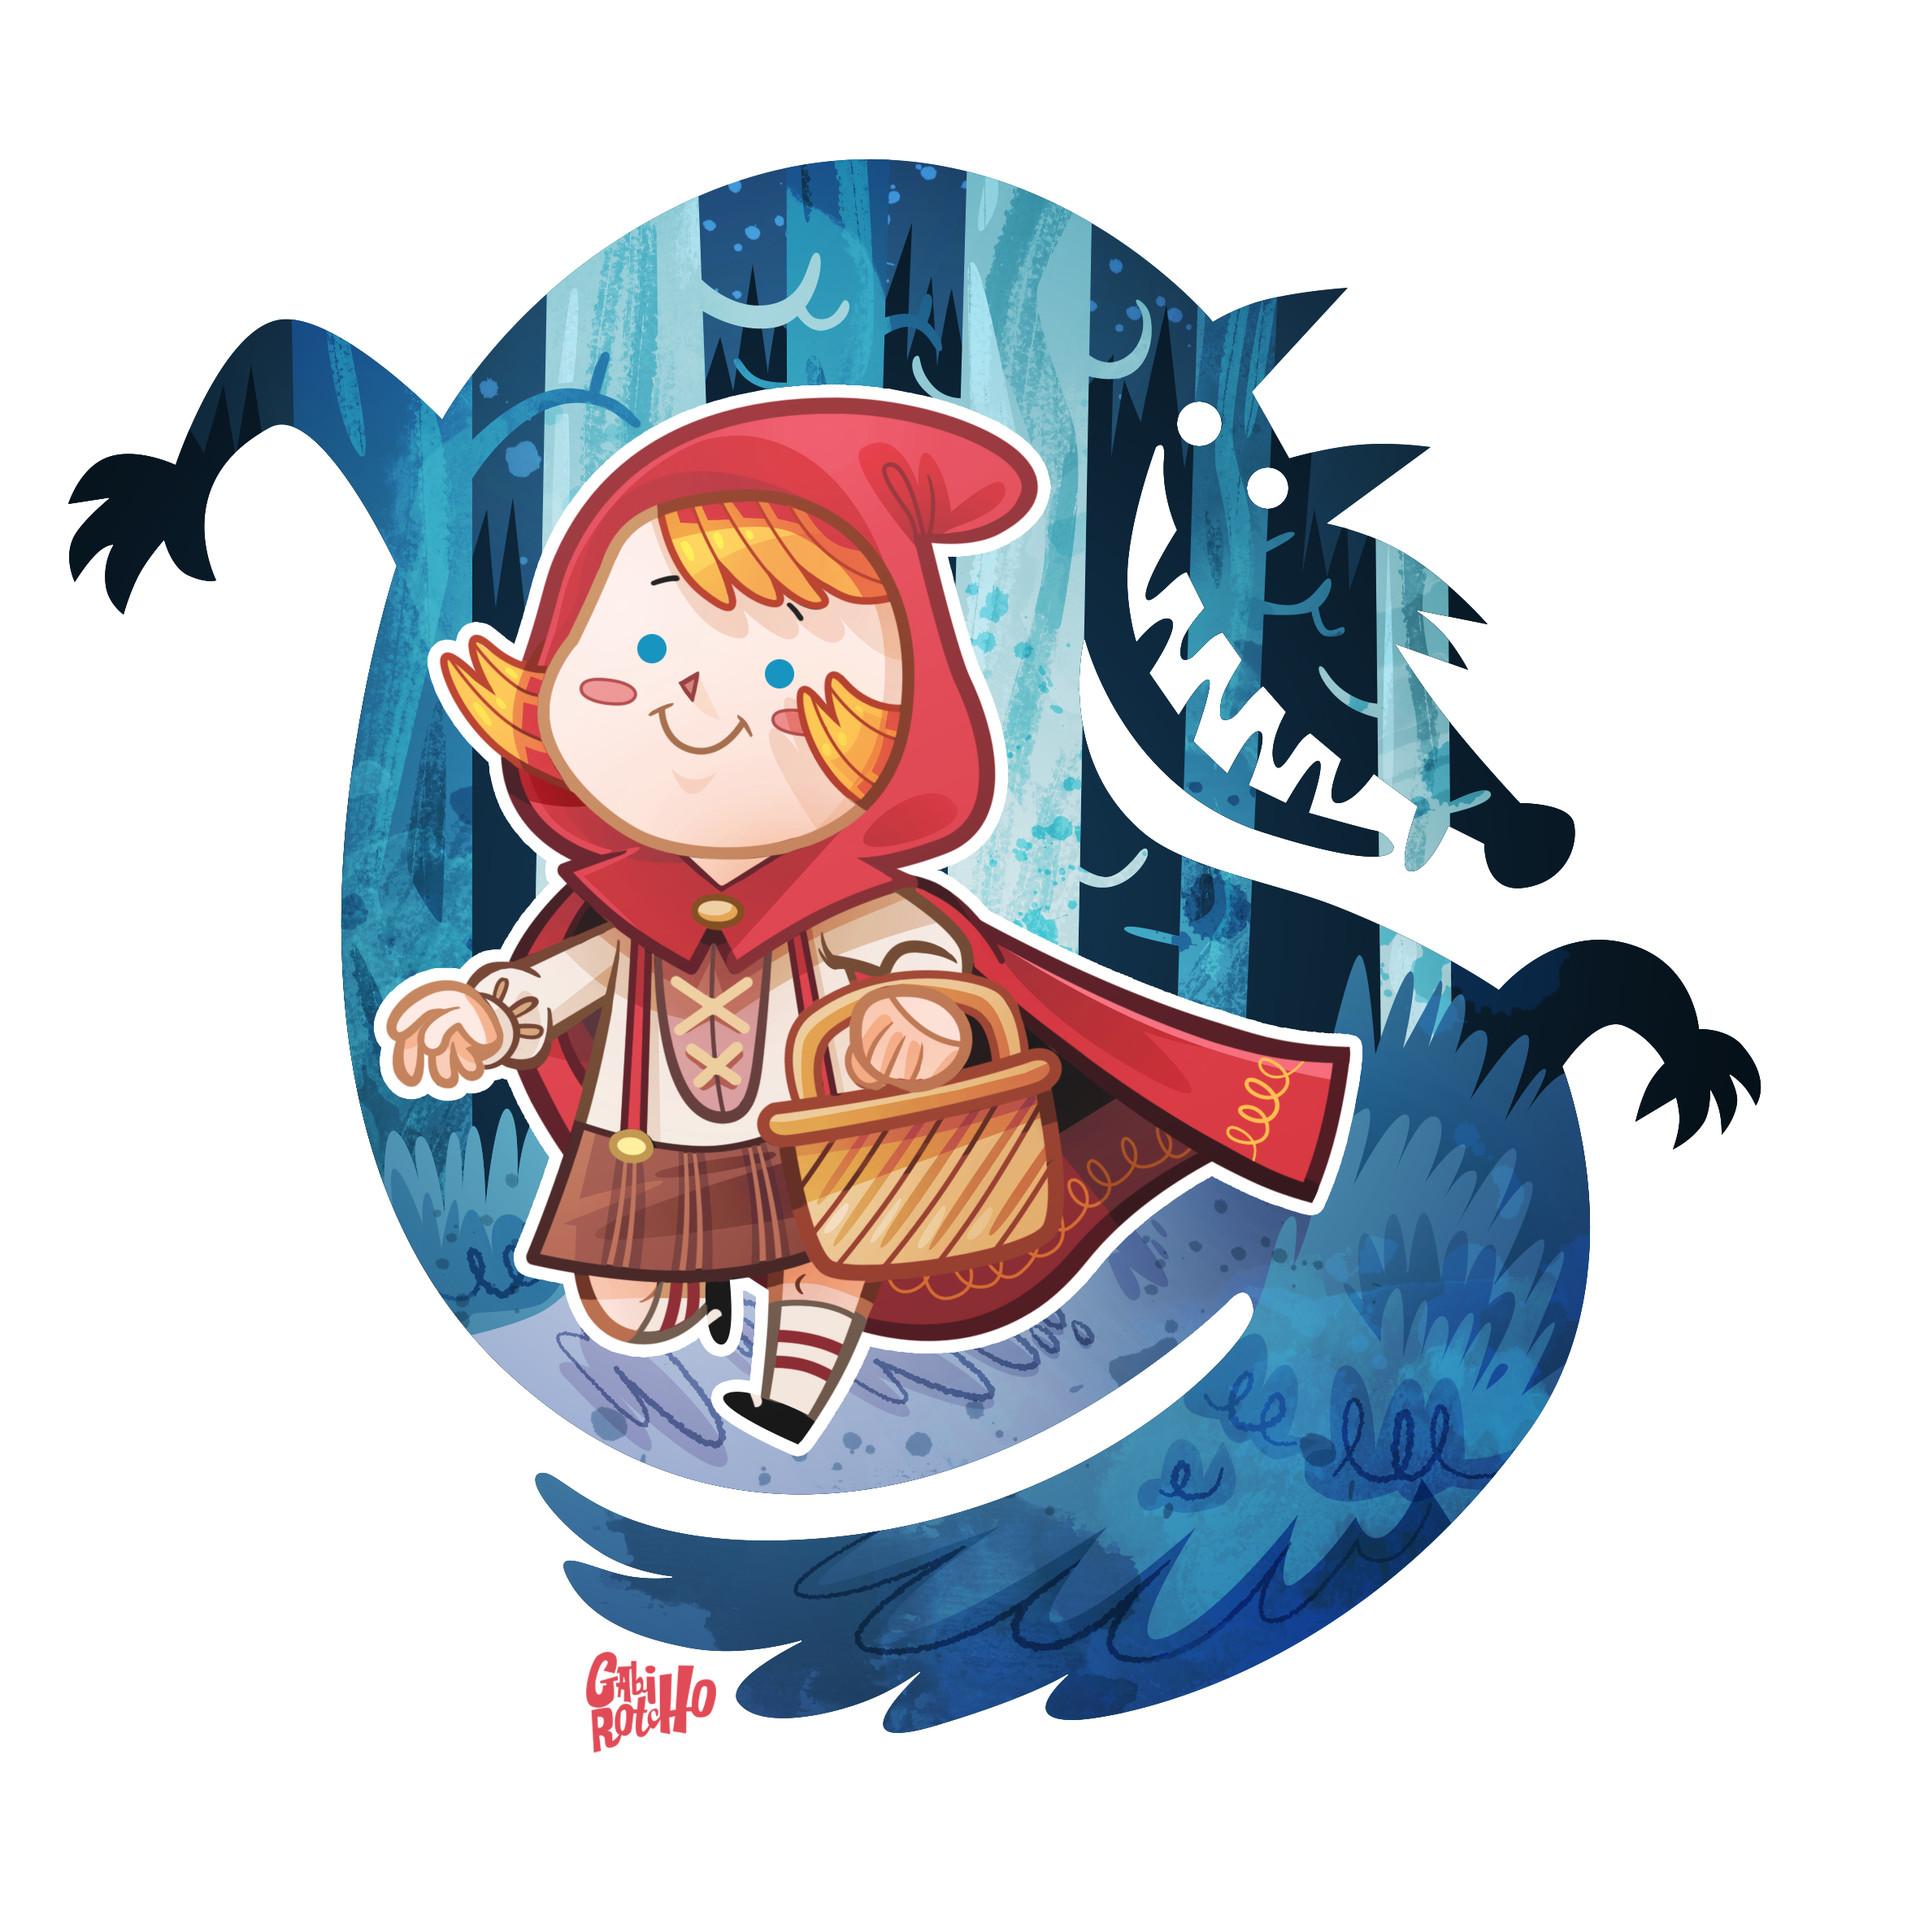 Gabirotcho chapeuzinho vermelho